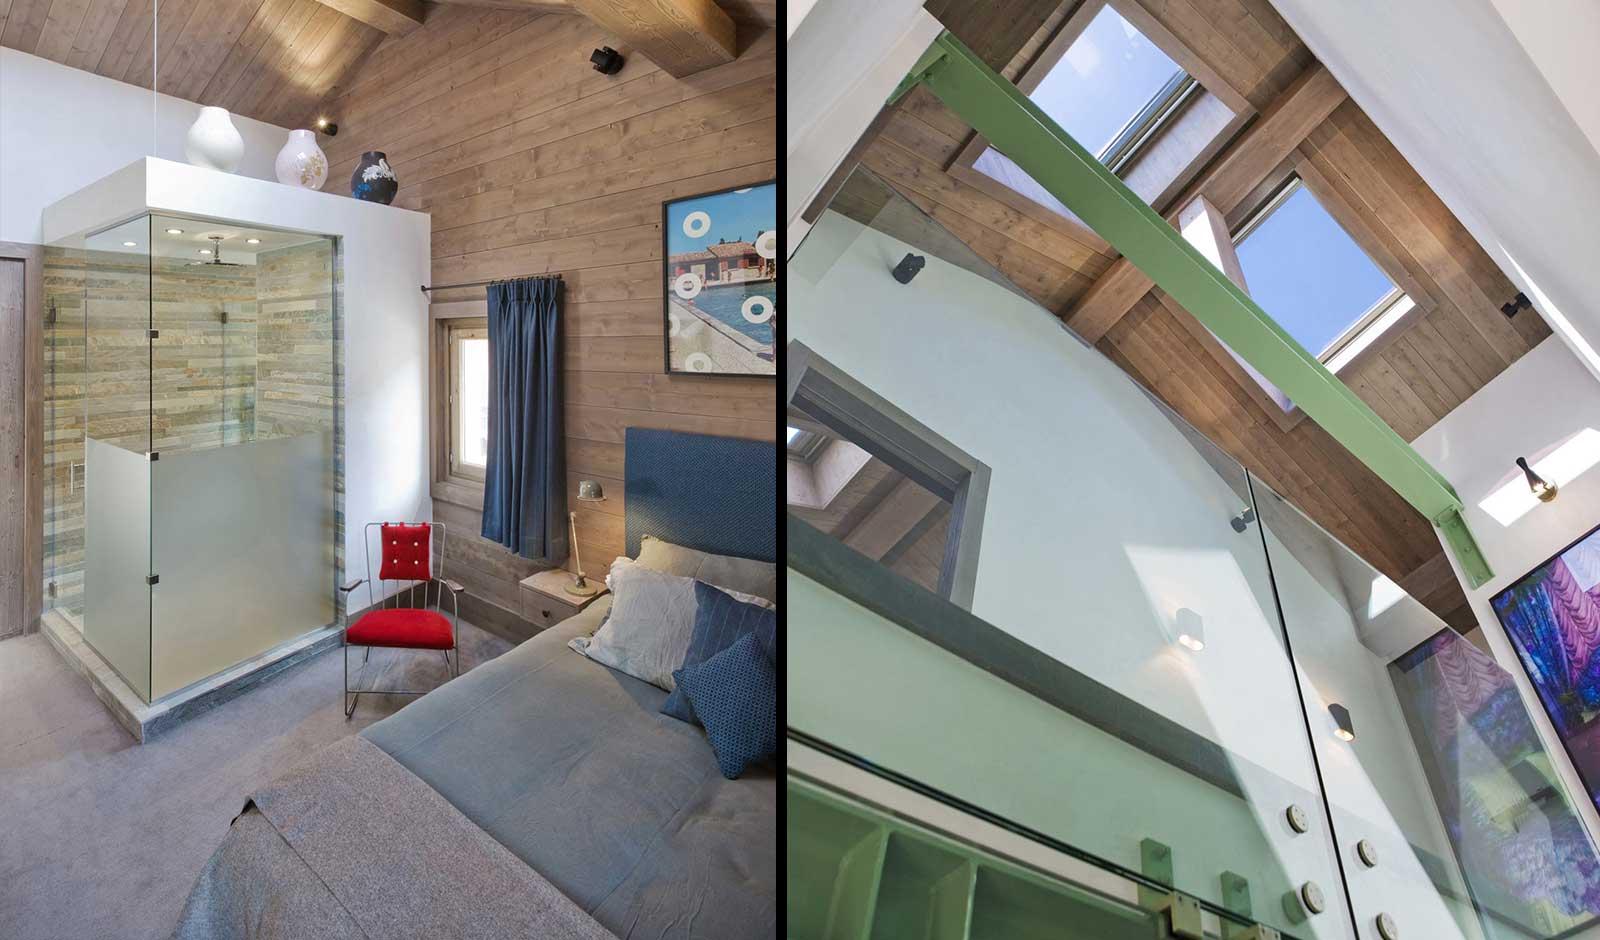 chalet-vert-mont-7-atelier-crea-and-co-architecte-design-project-manager-meribel-savoie